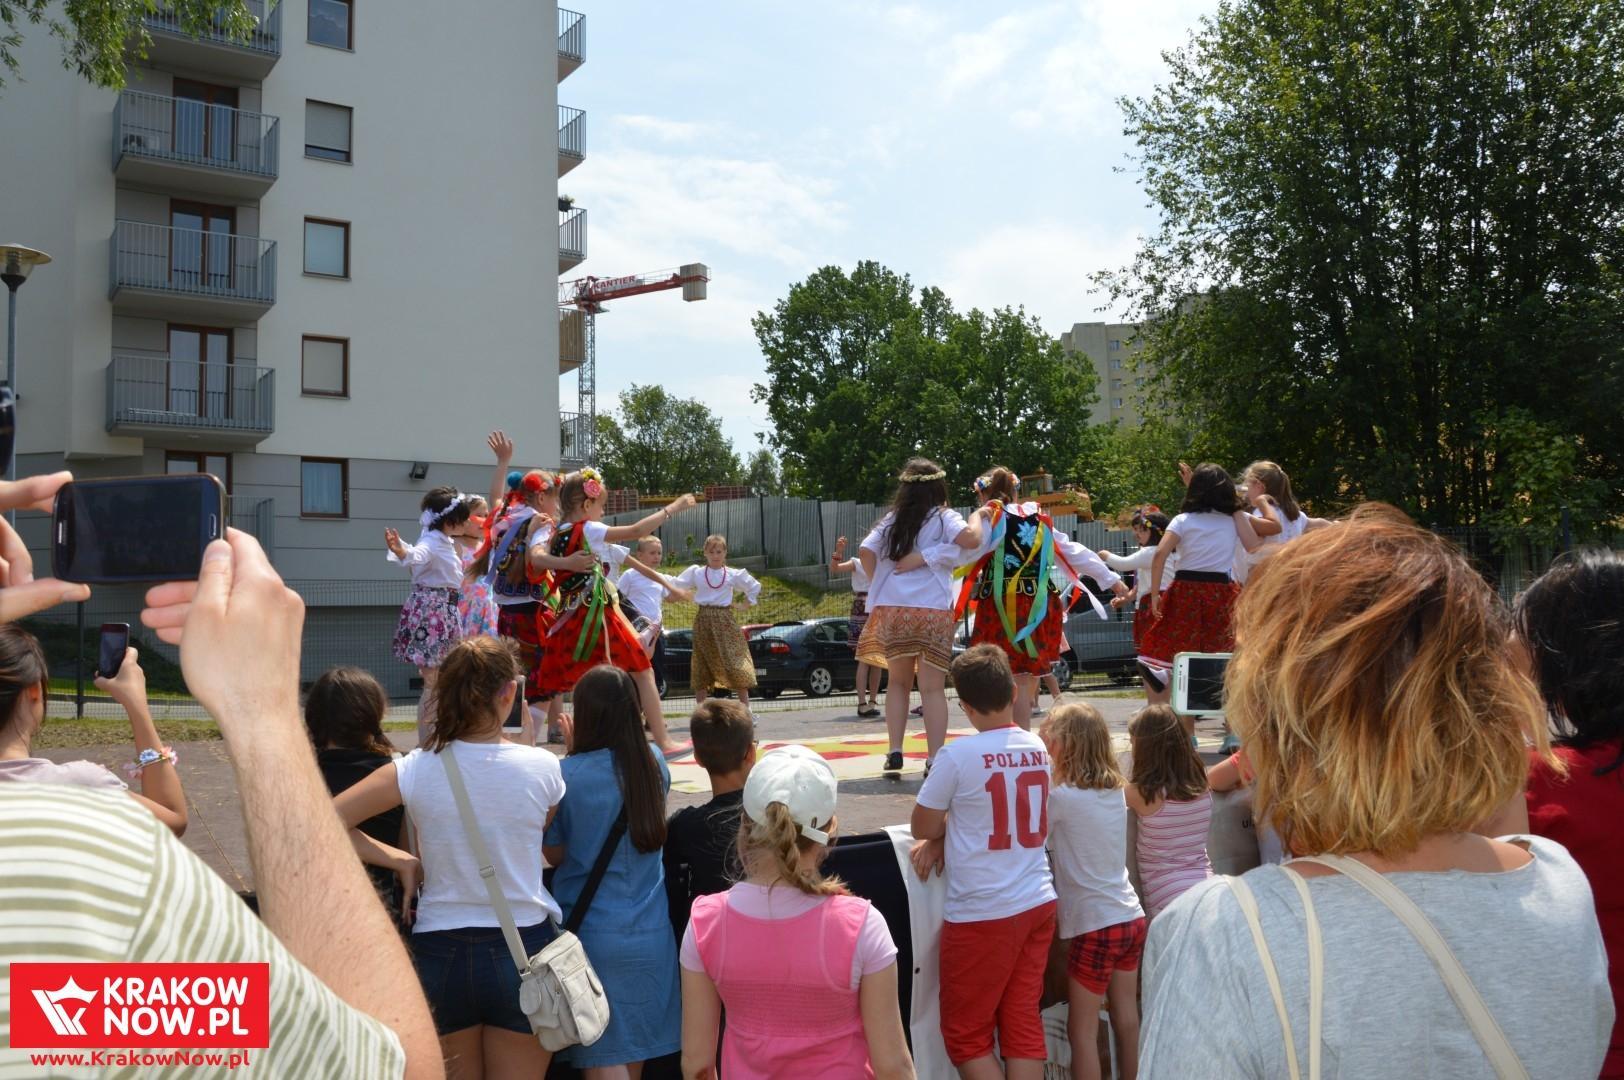 25 lat osiedla rzaka krakow festyn rodzinny 68 150x150 - 25 lat Osiedla Rżąka - galeria zdjęć z festynu